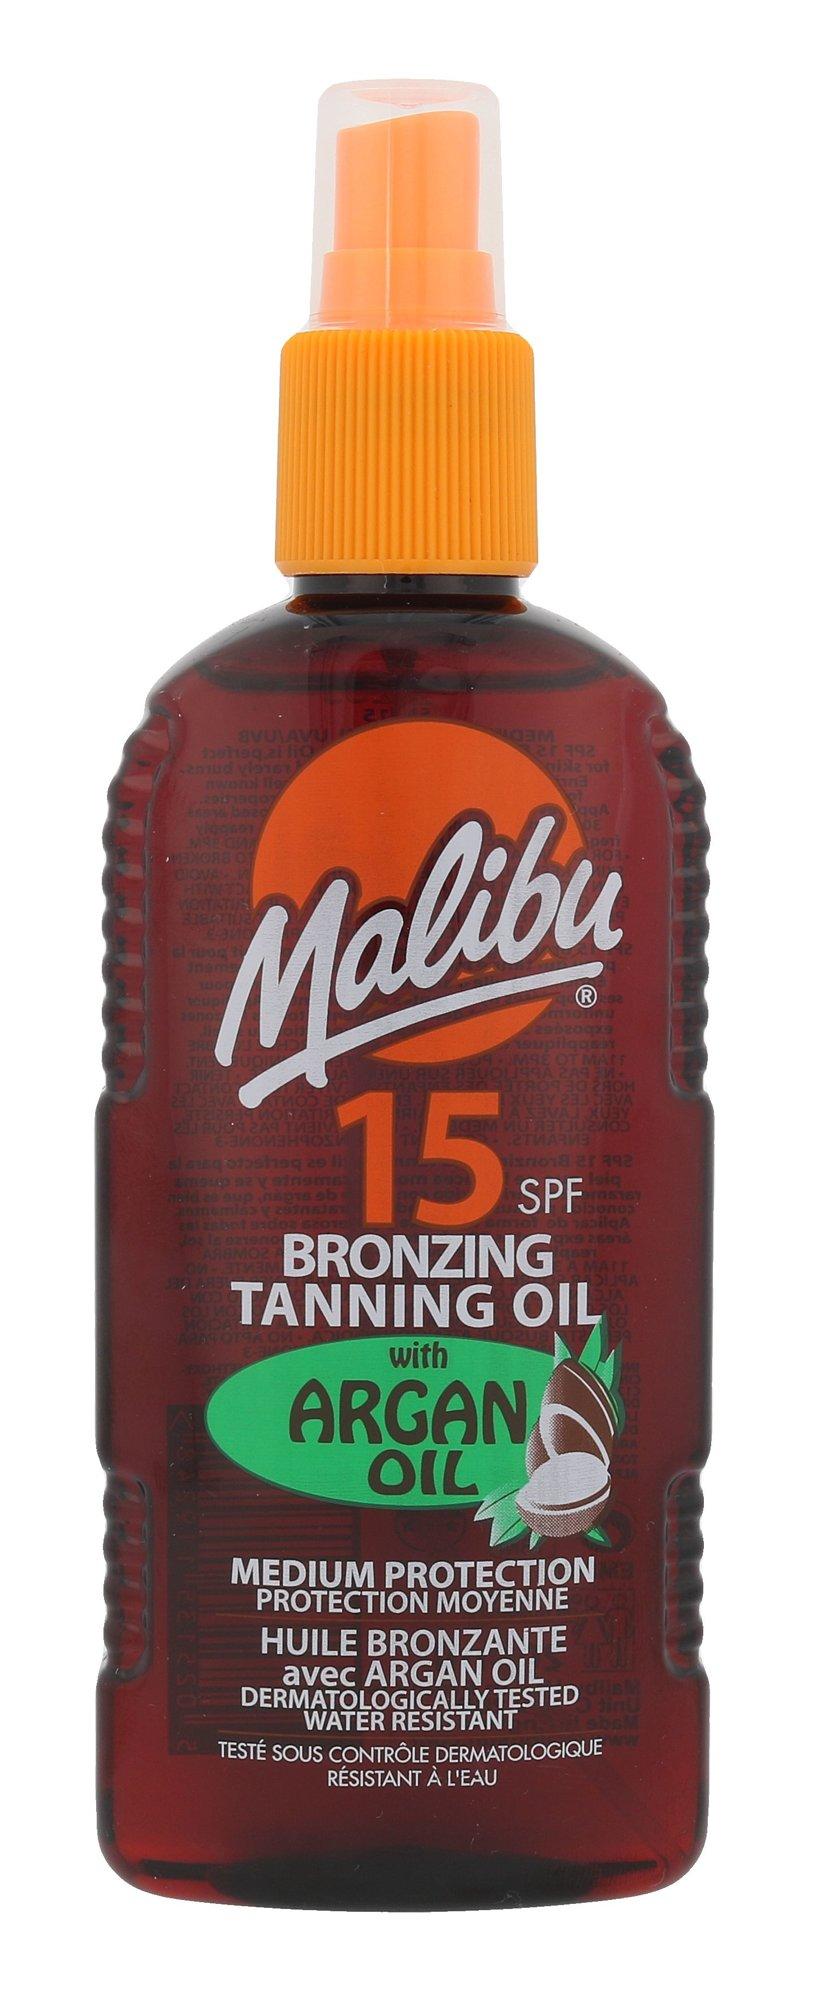 Malibu Bronzing Tanning Oil SPF15 Argan Oil